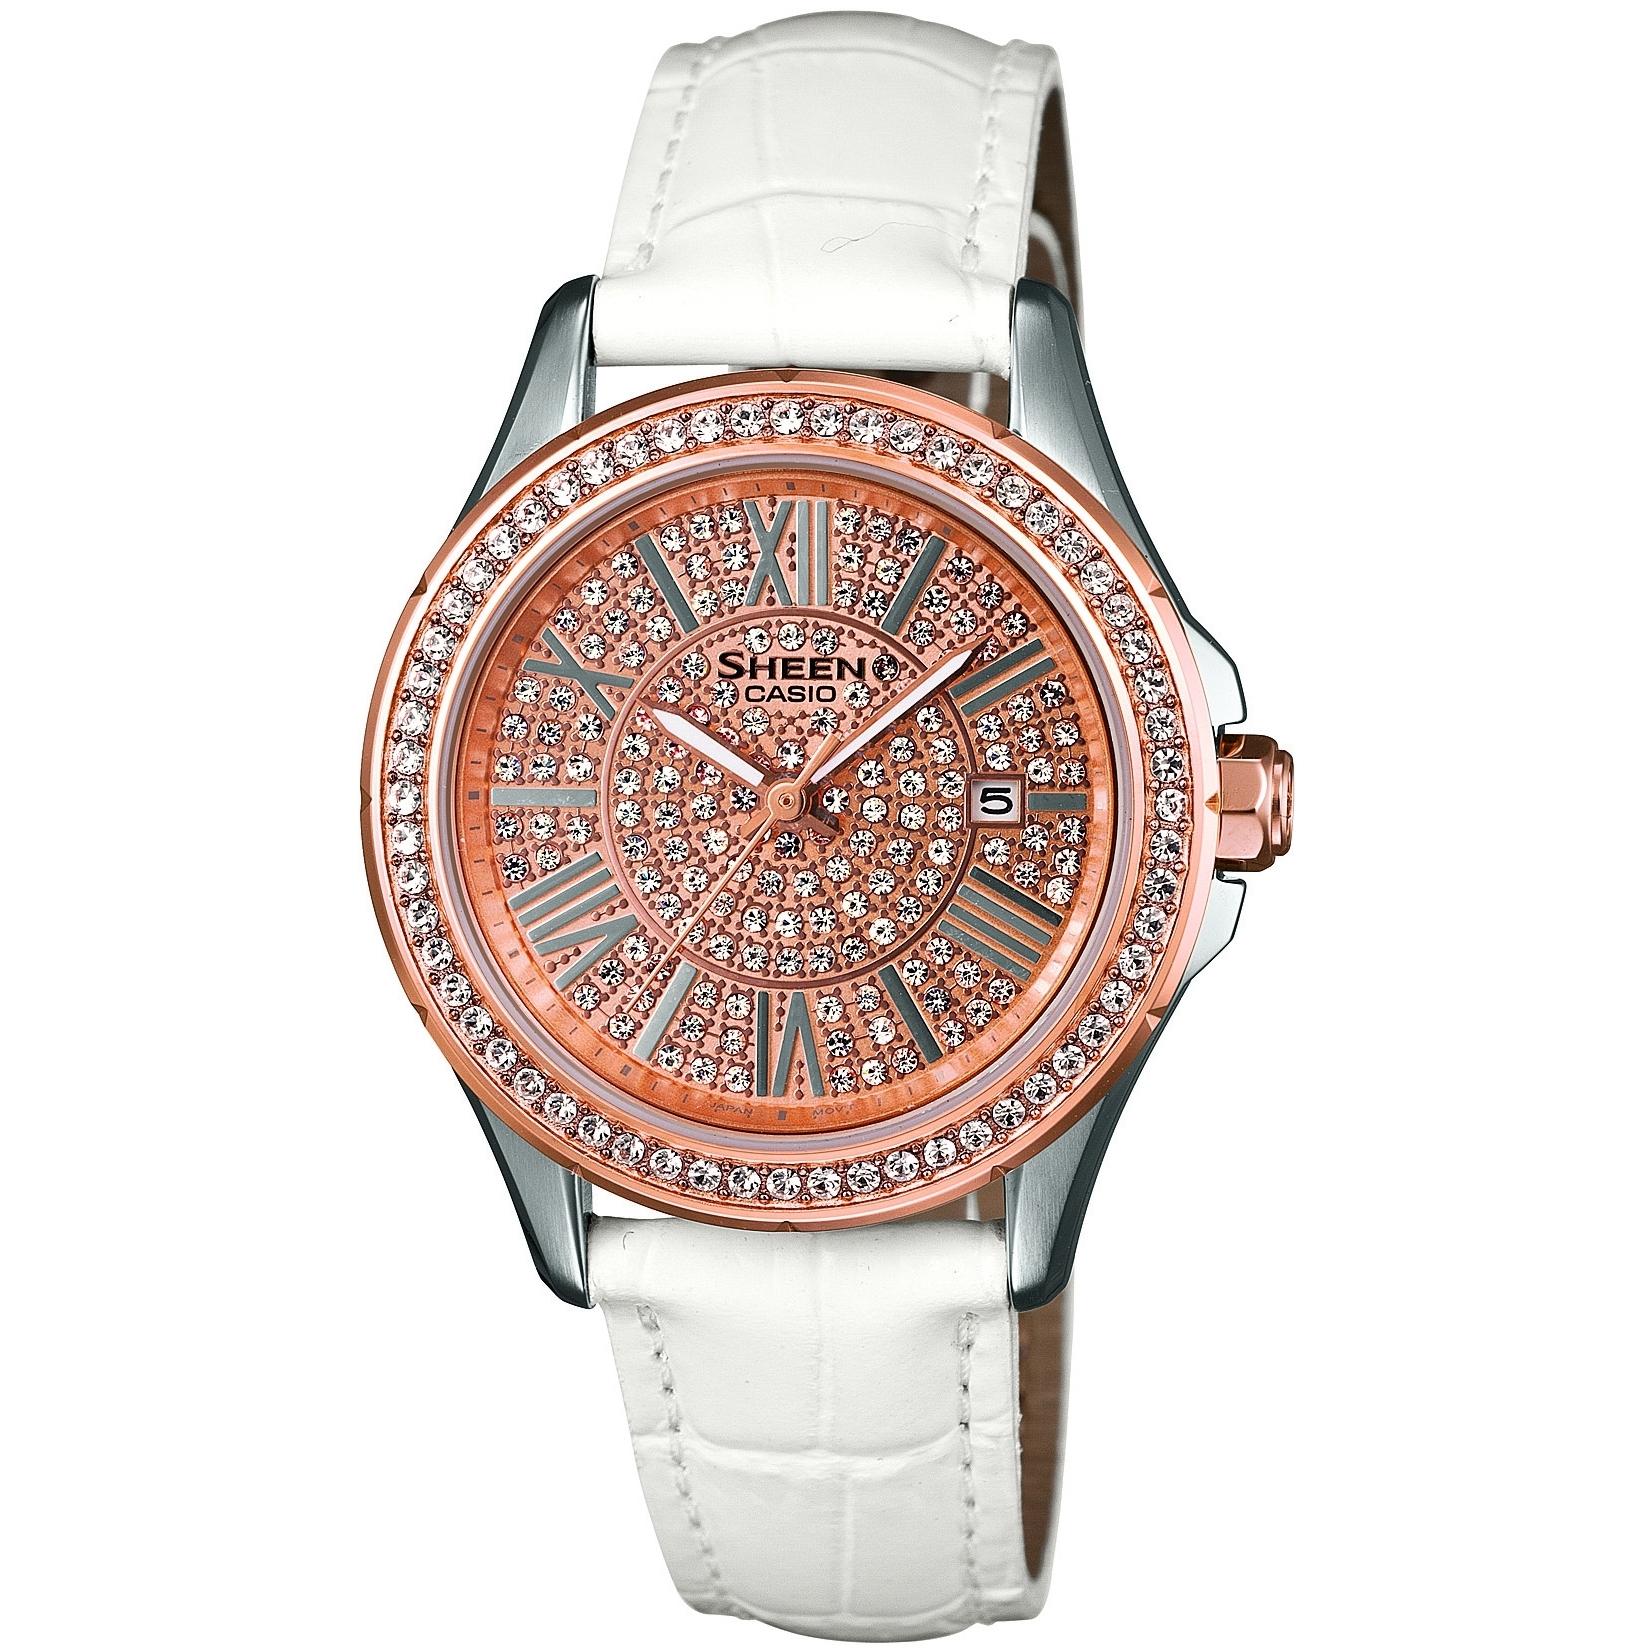 ساعت مچی عقربه ای زنانه کاسیو مدل SHE-4510GL-9AUDR